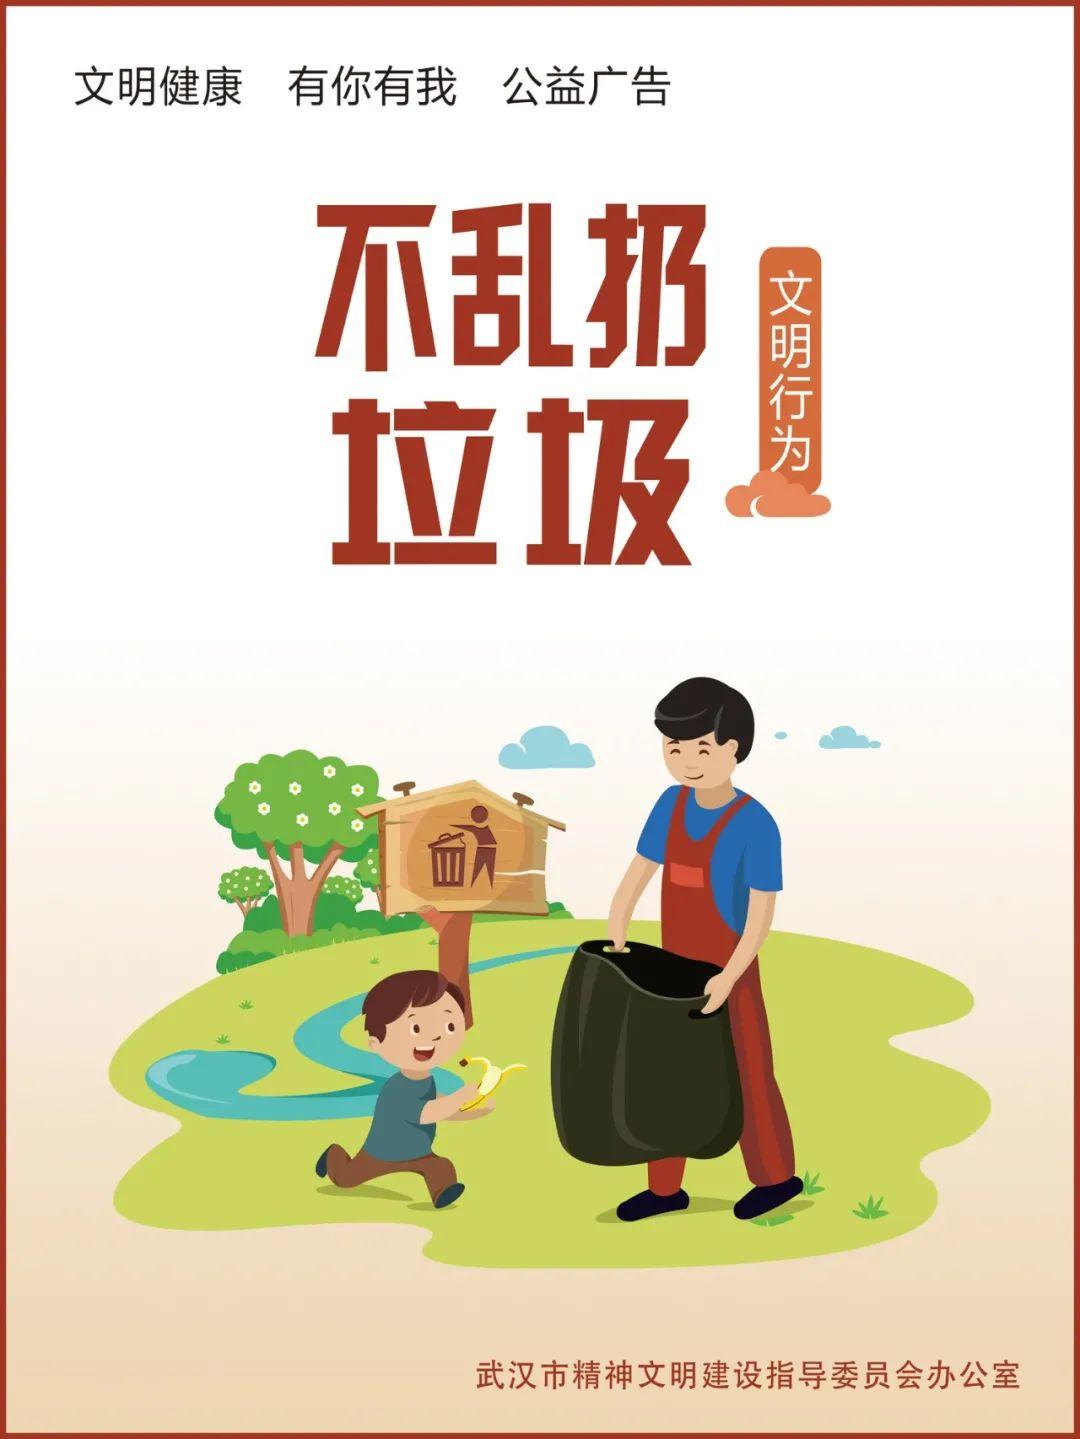 武汉市新冠肺炎疫情动态(2021年1月17日)